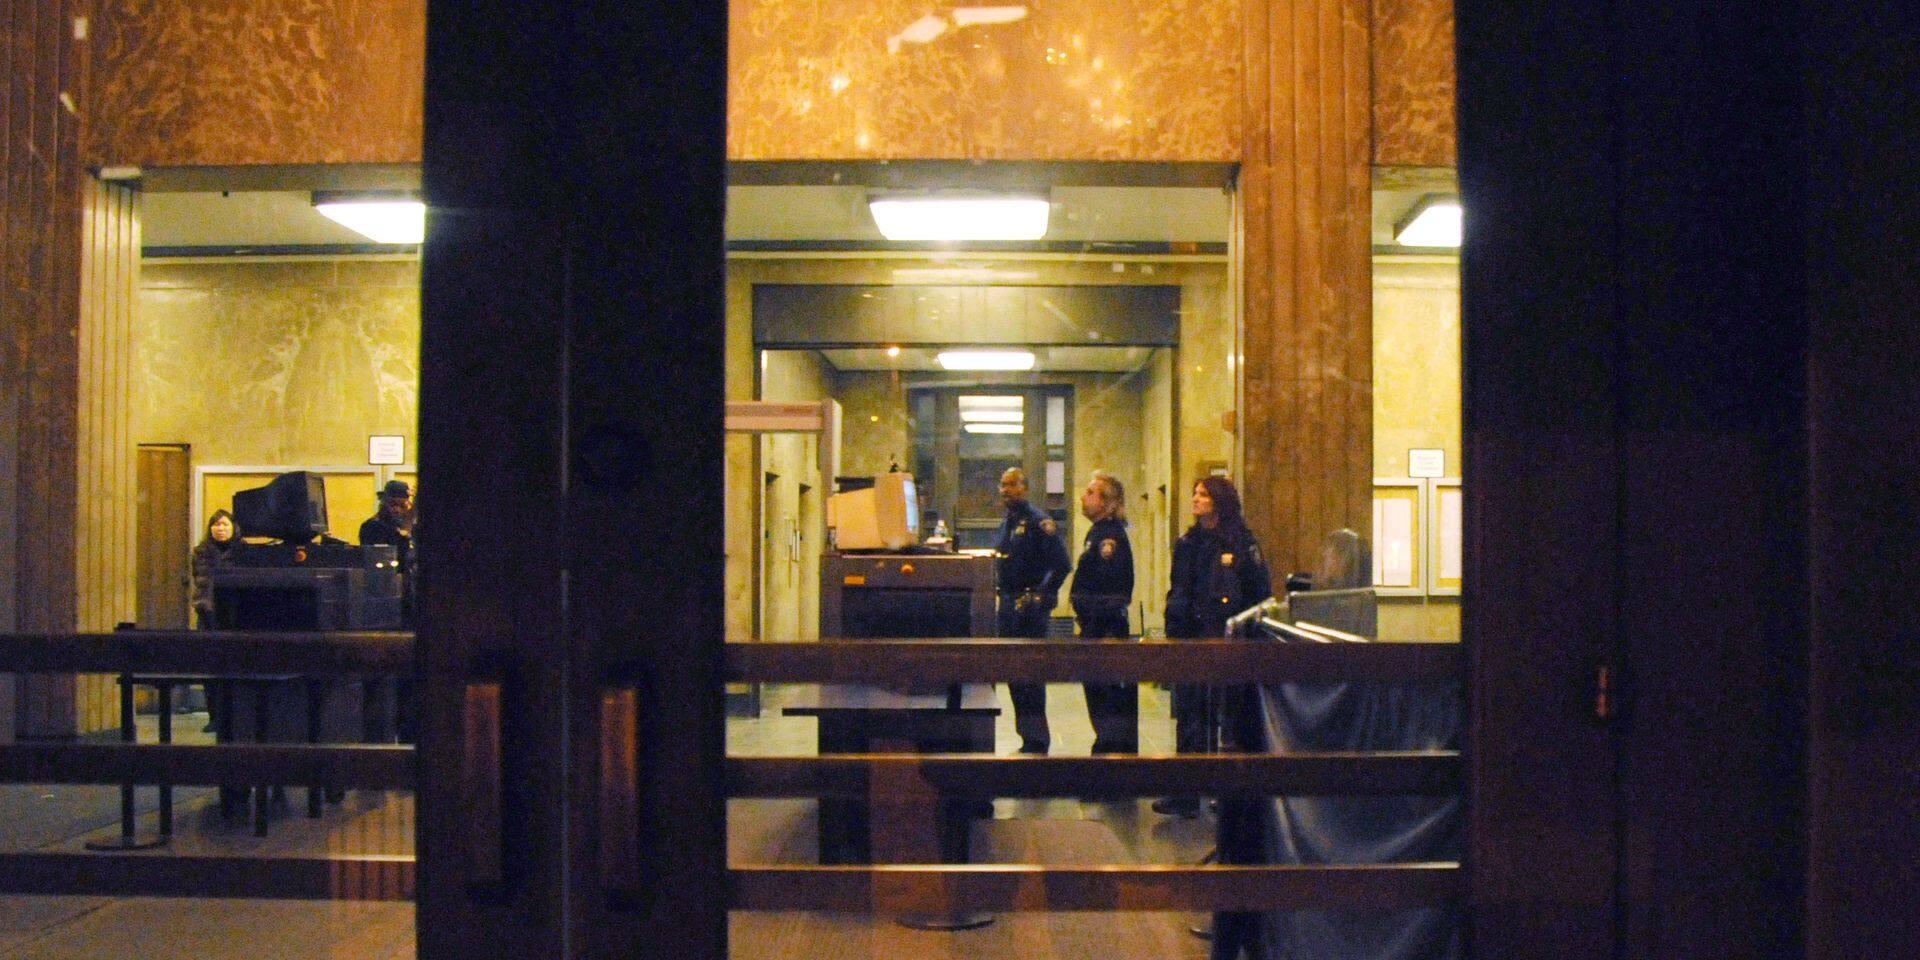 Une juge américaine inculpée pour avoir empêché la police d'arrêter un clandestin